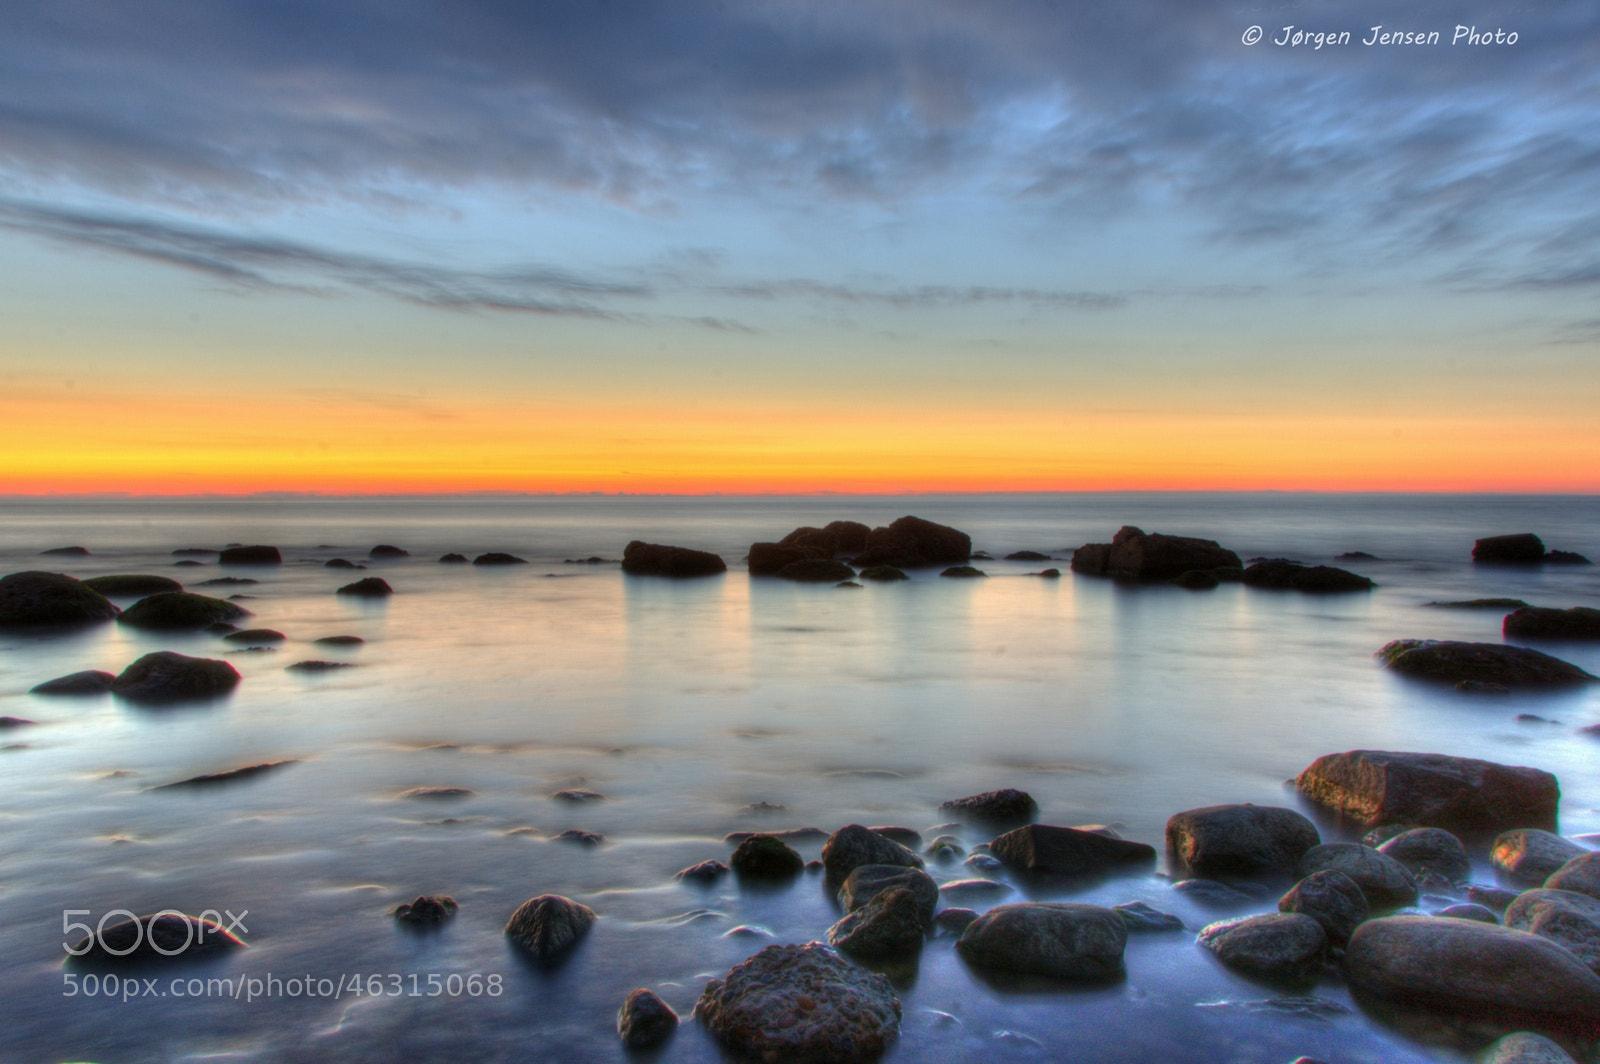 Photograph After Sunset by Jørgen Jensen on 500px